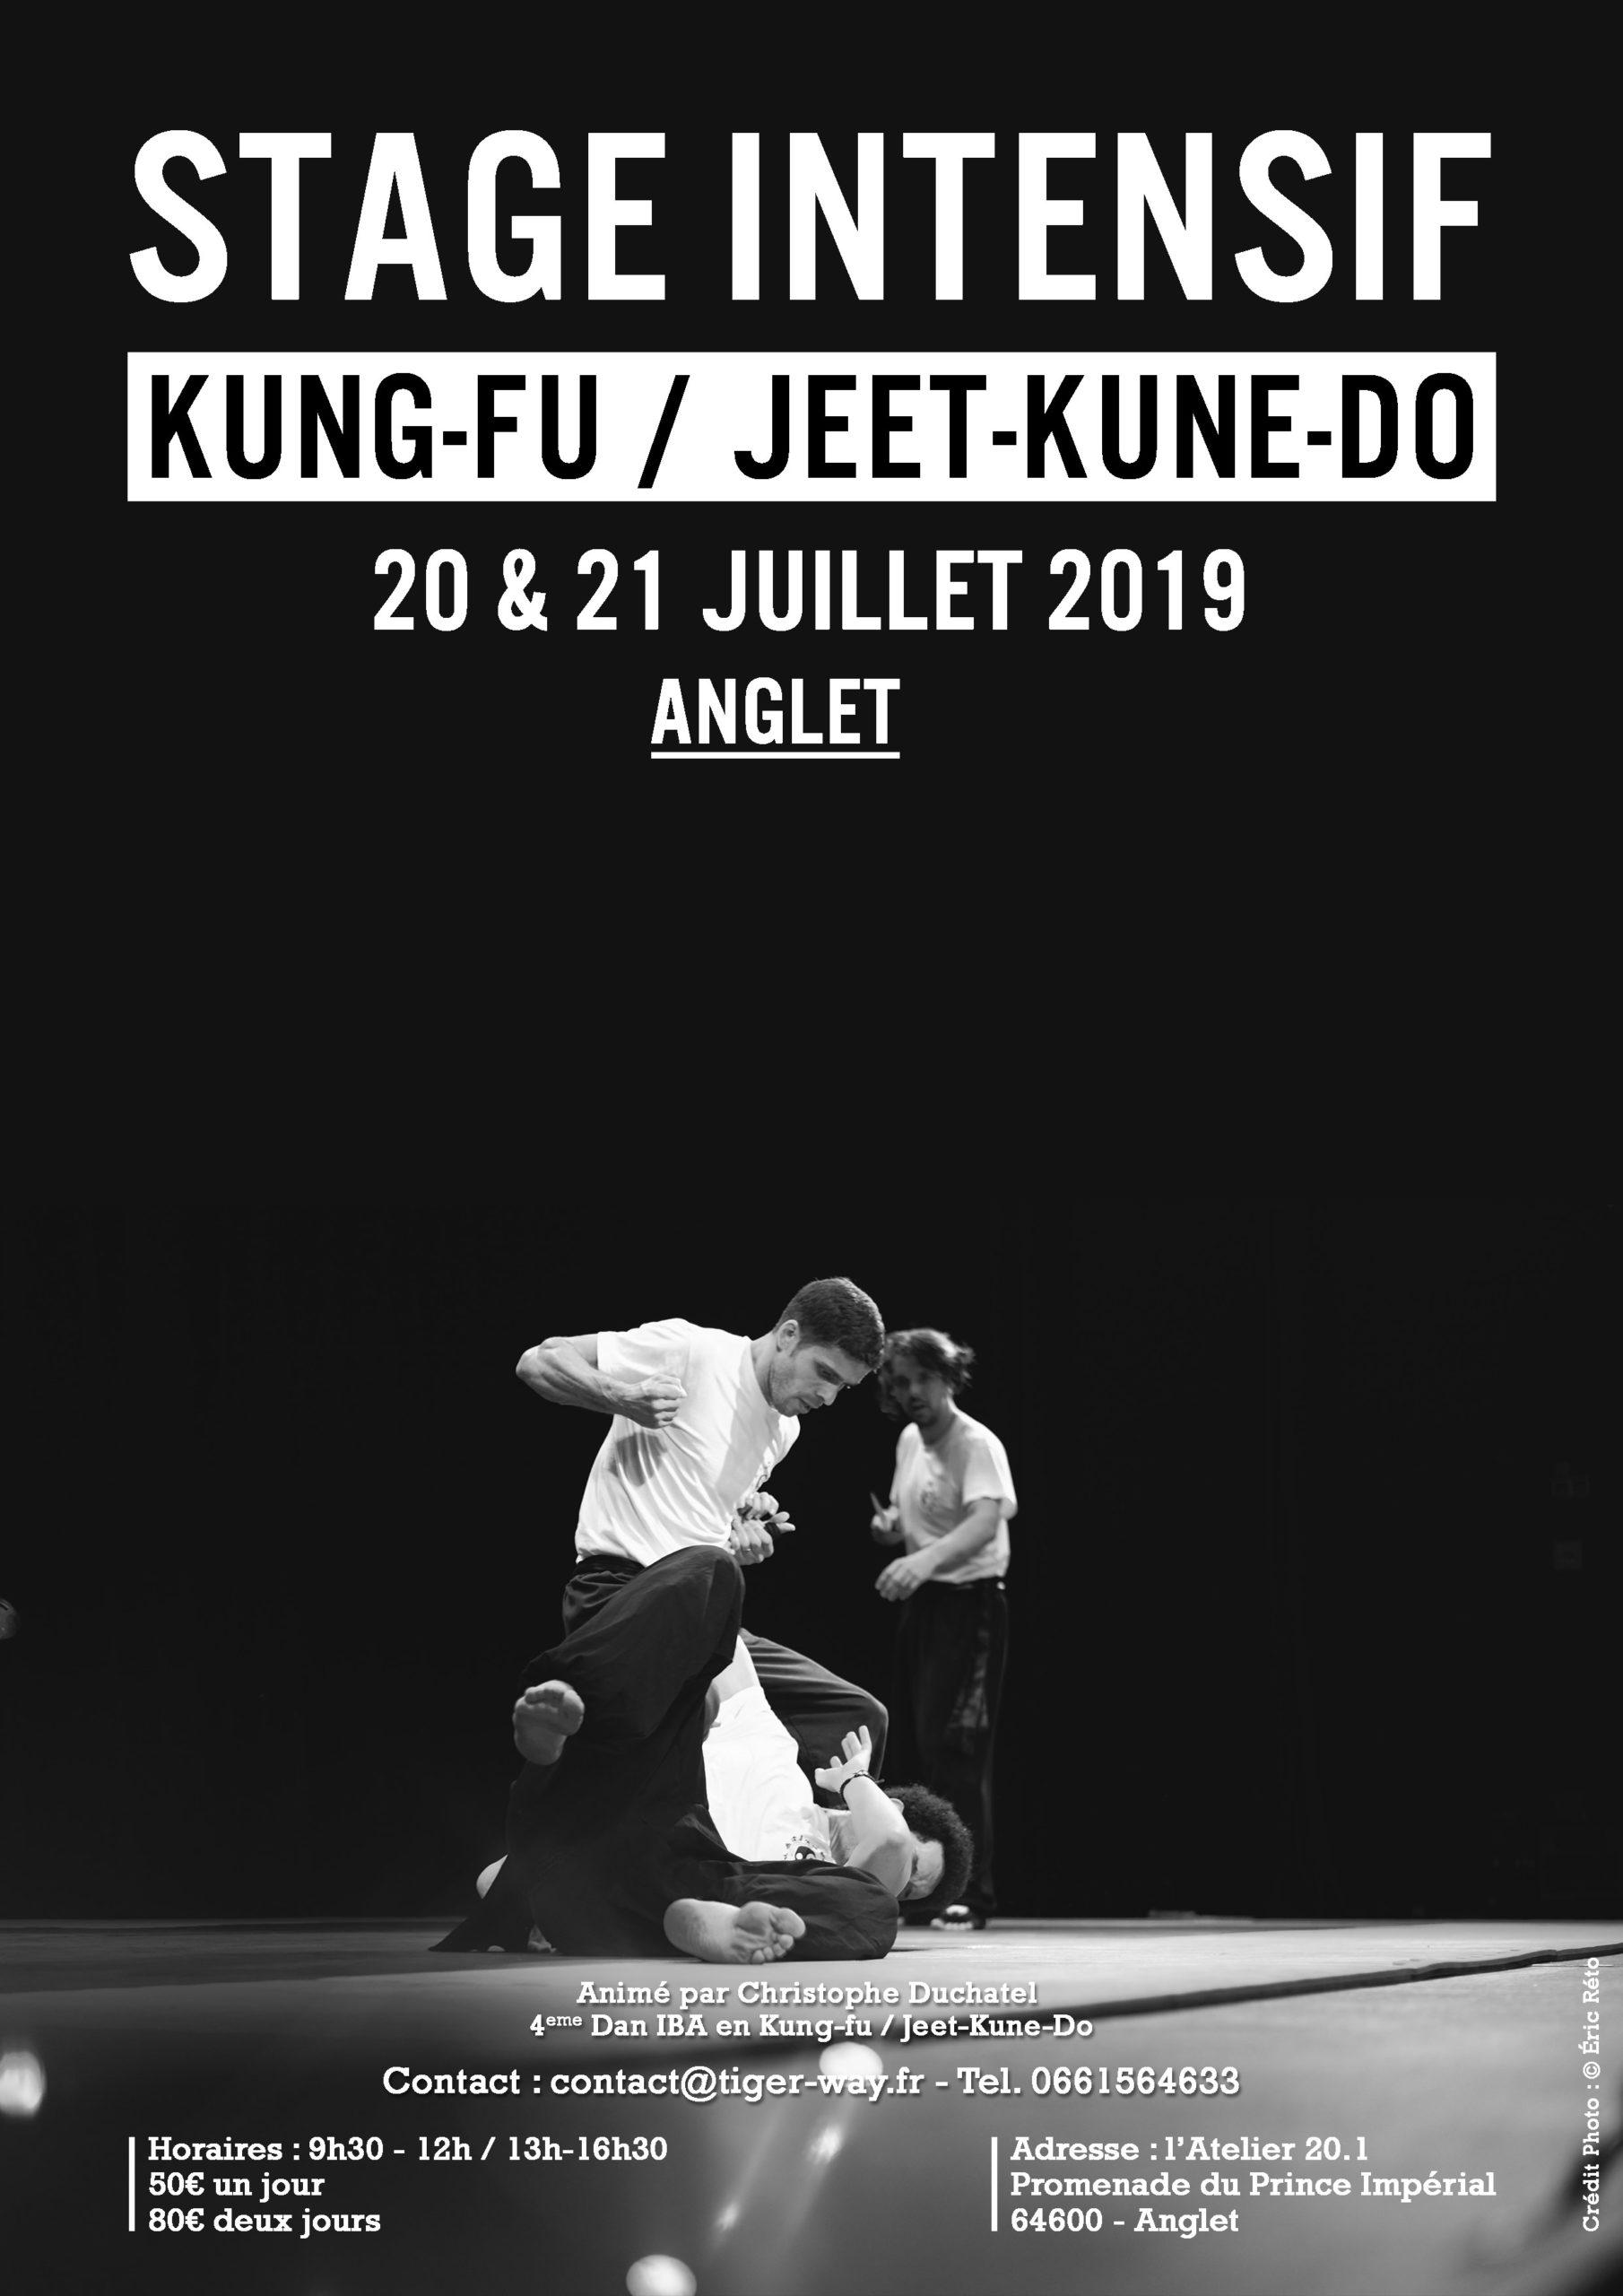 Stage Intensif de l'été 20 & 21 juillet 2019